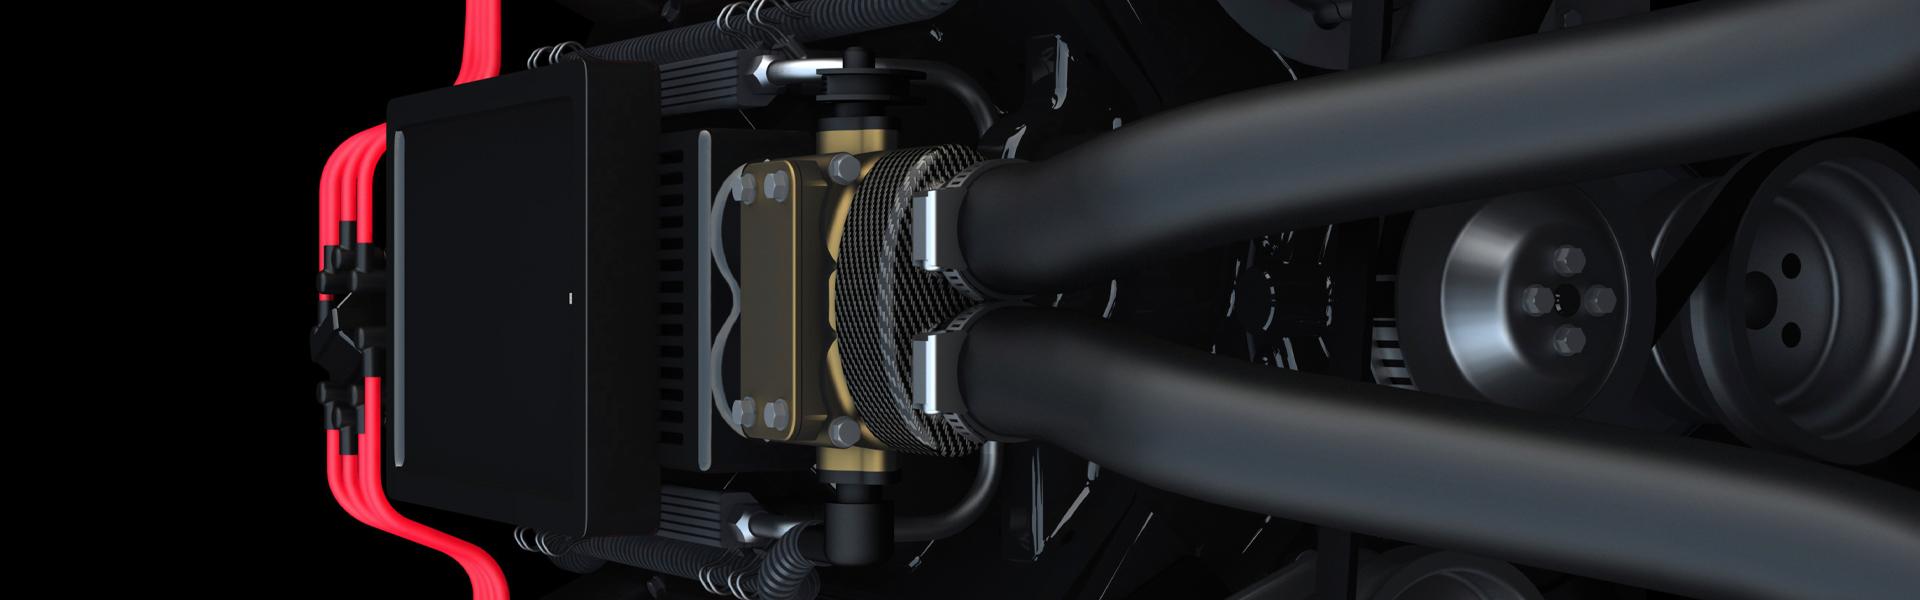 Motorkomponenten - SKN Tuning GmbH